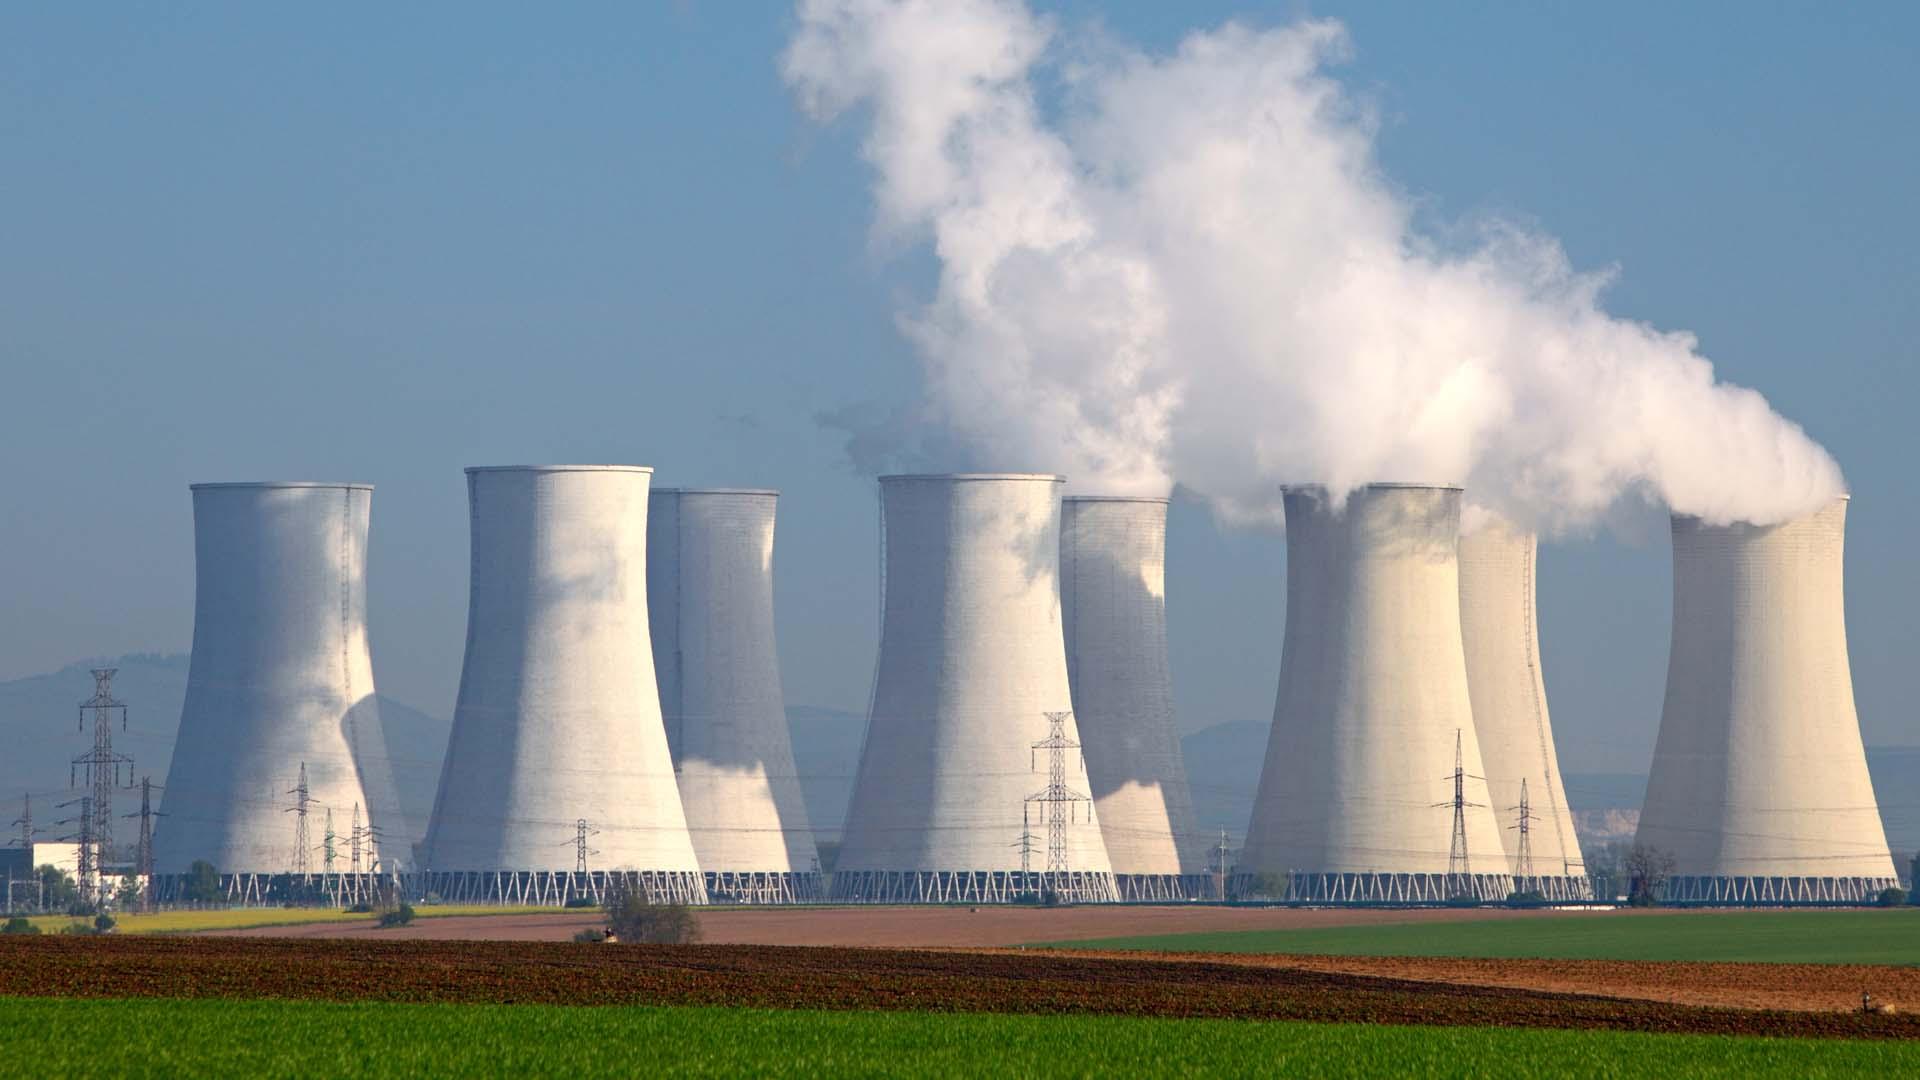 La incertidumbre respecto al accidente de Fukushima ha provocado el cierre de la mayoría de estos equipos